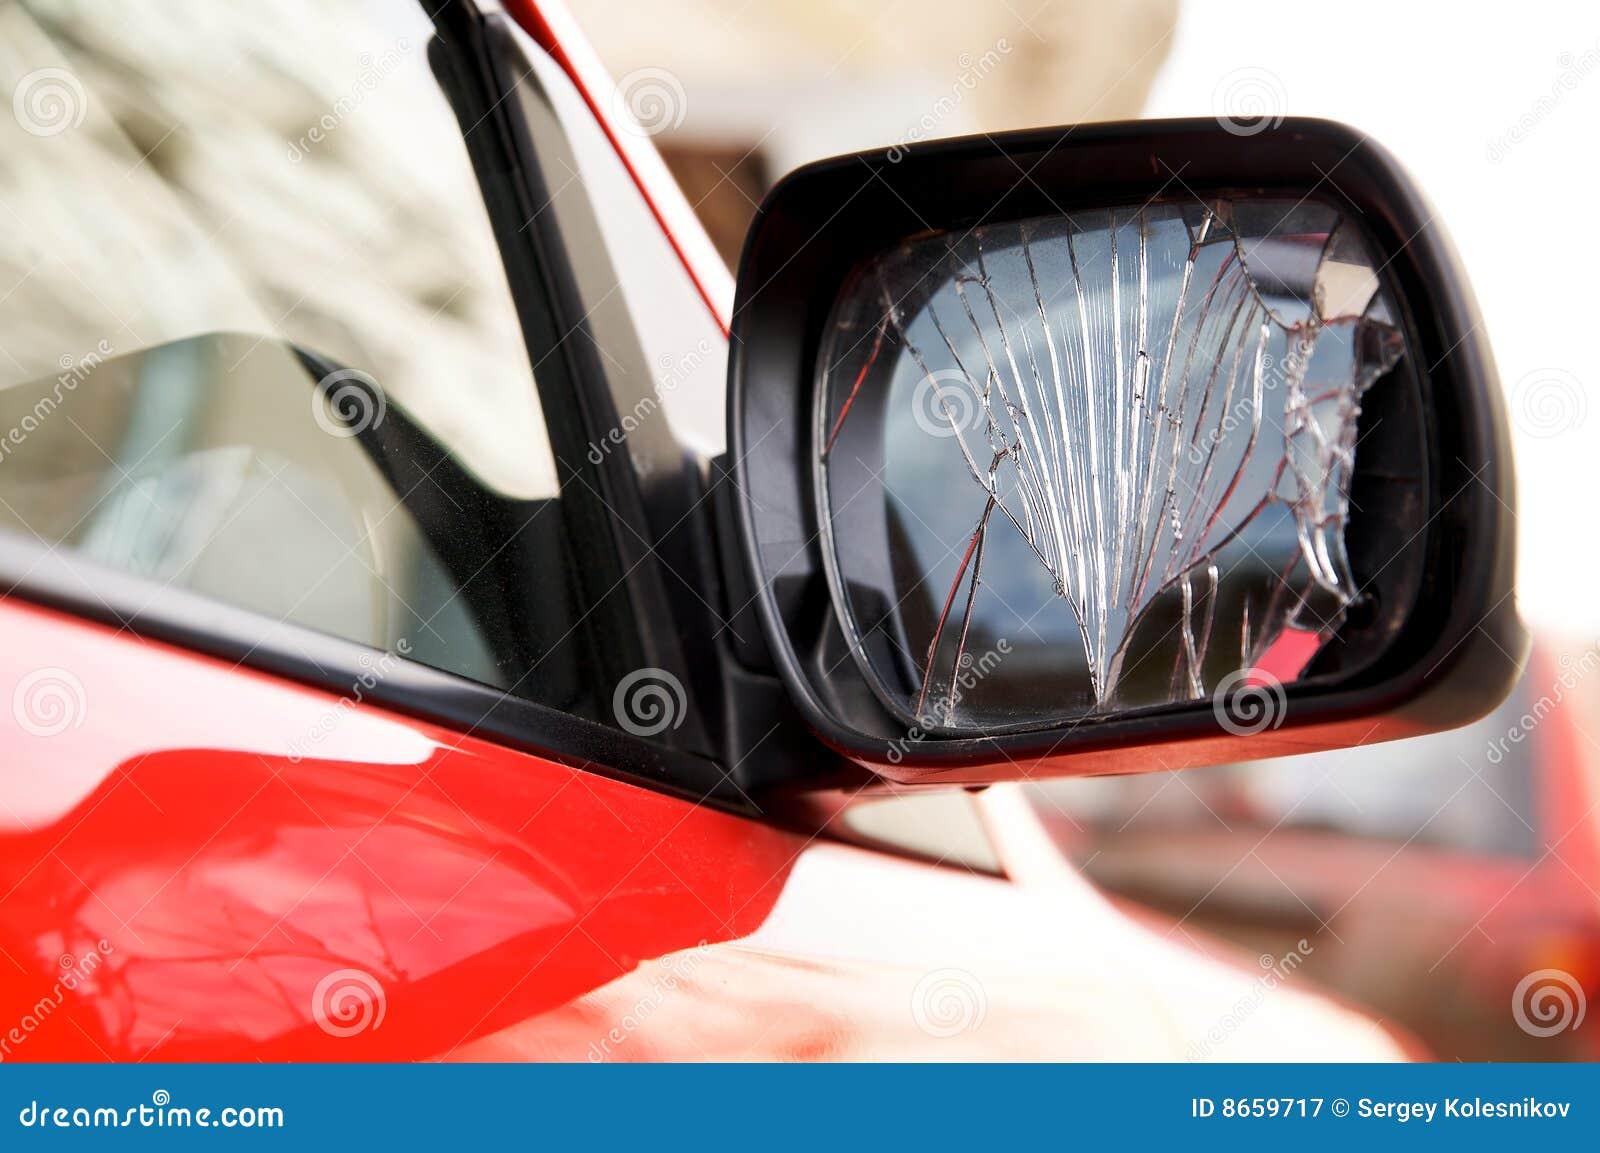 Miroir rétroviseur criqué